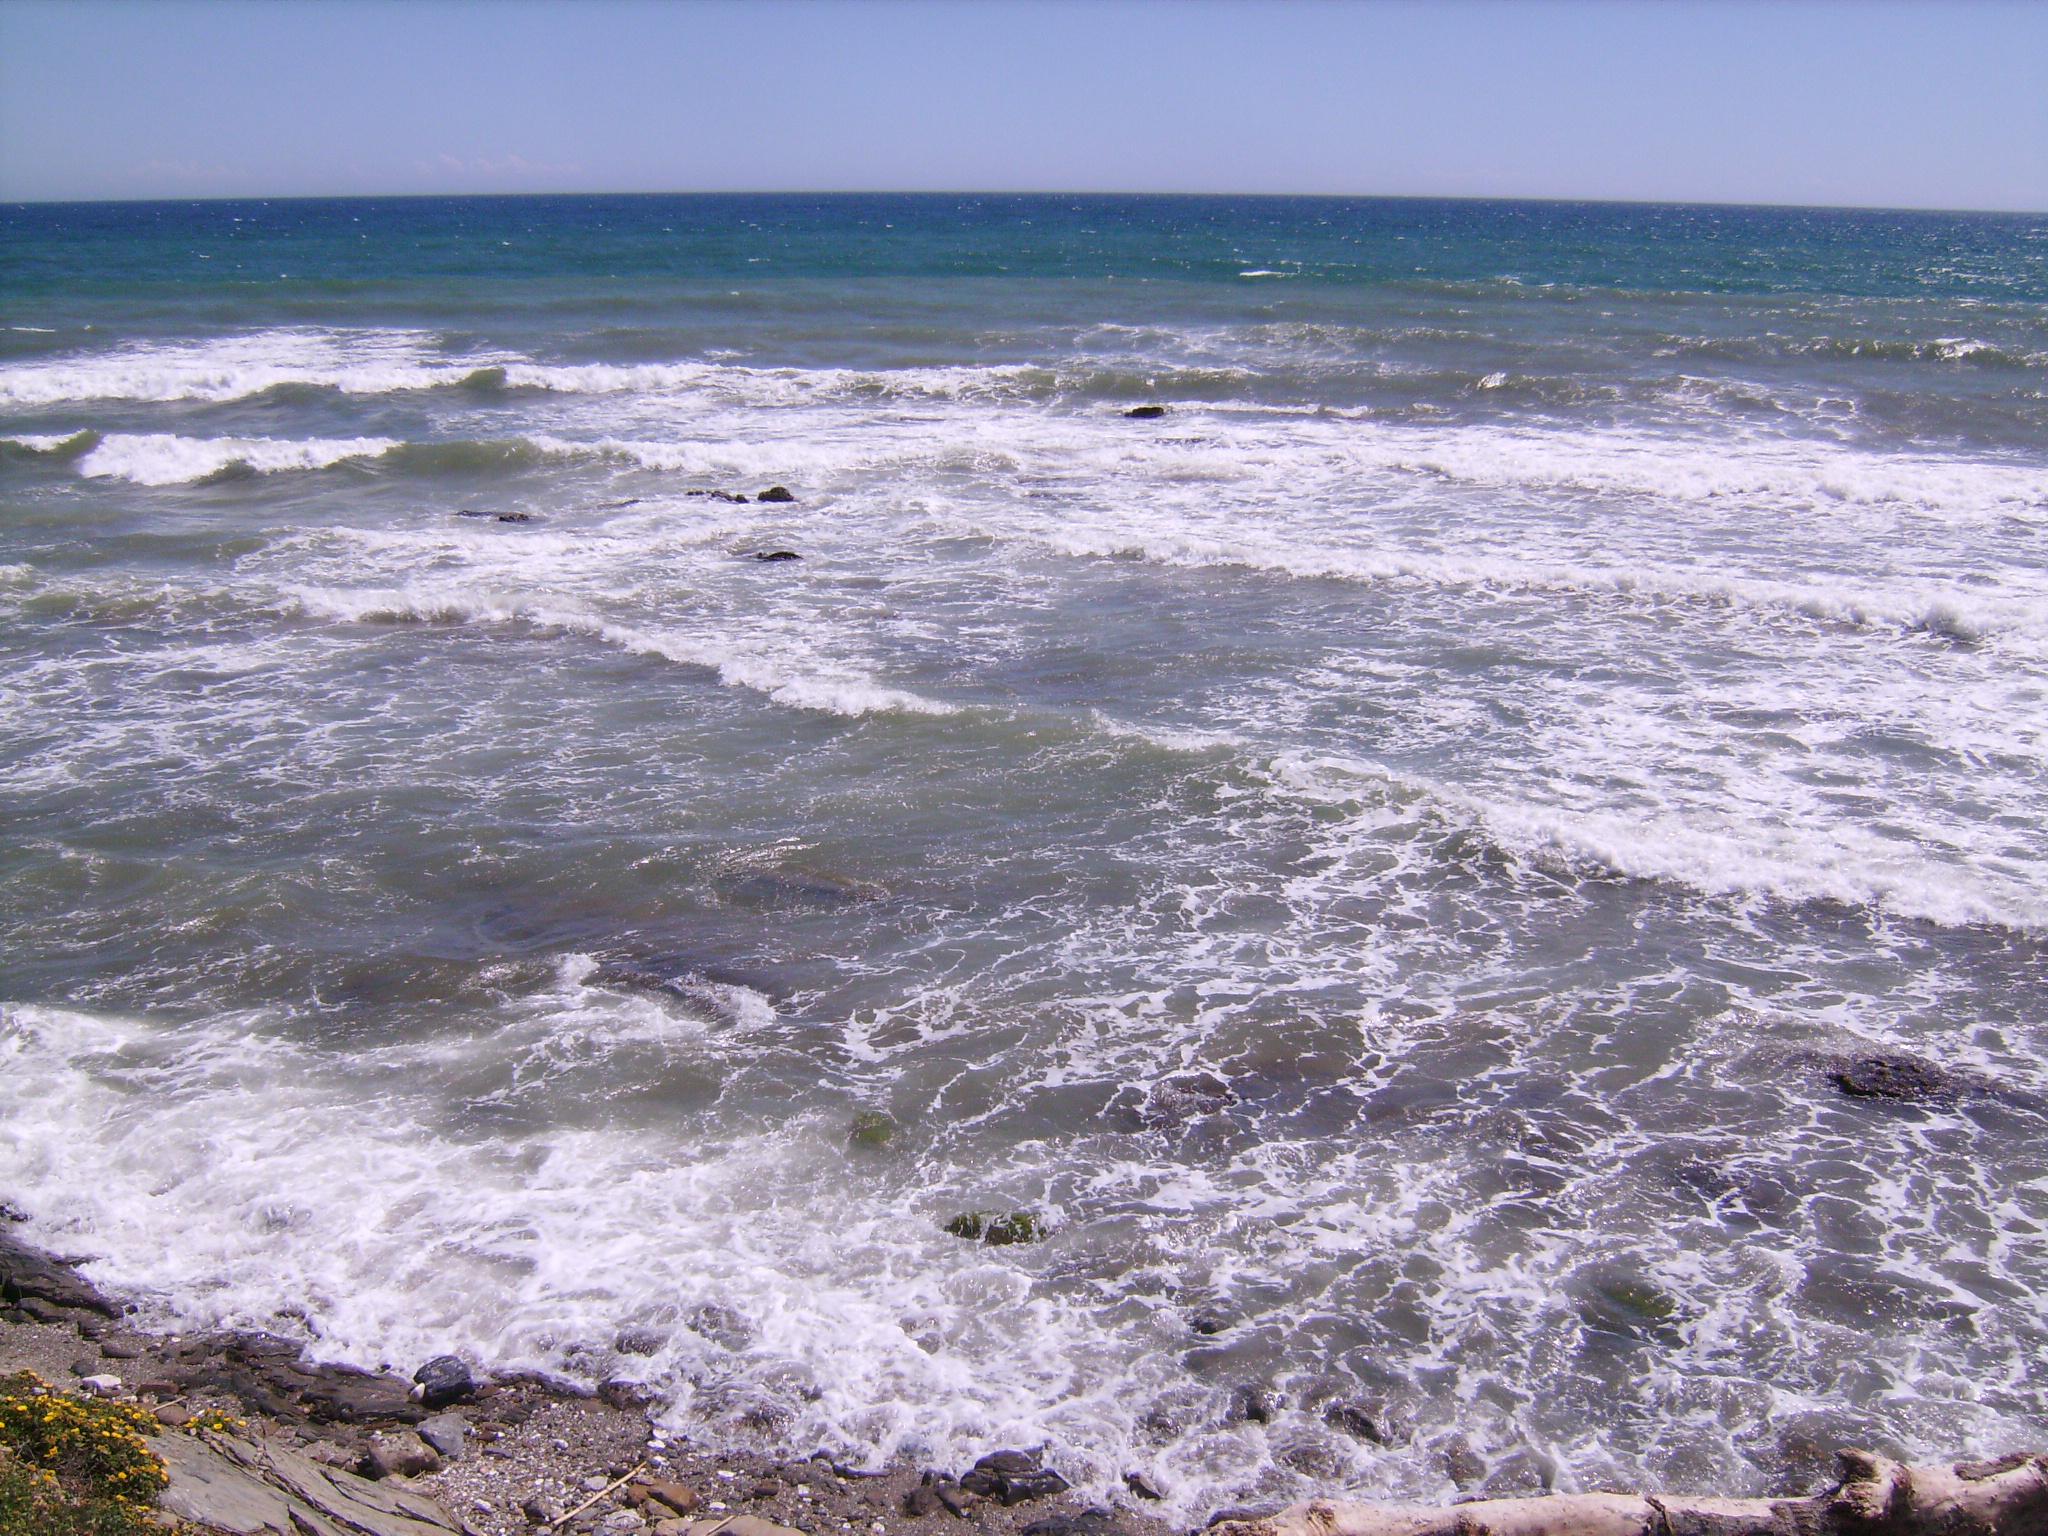 Váci Mihály: A tenger<br /><br />A tengerről kél fel a nap,<br />a tengerről kél fel a szél,<br />a tenger adja a földnek a fényt,<br />a tenger küld a földre esőt.<br />